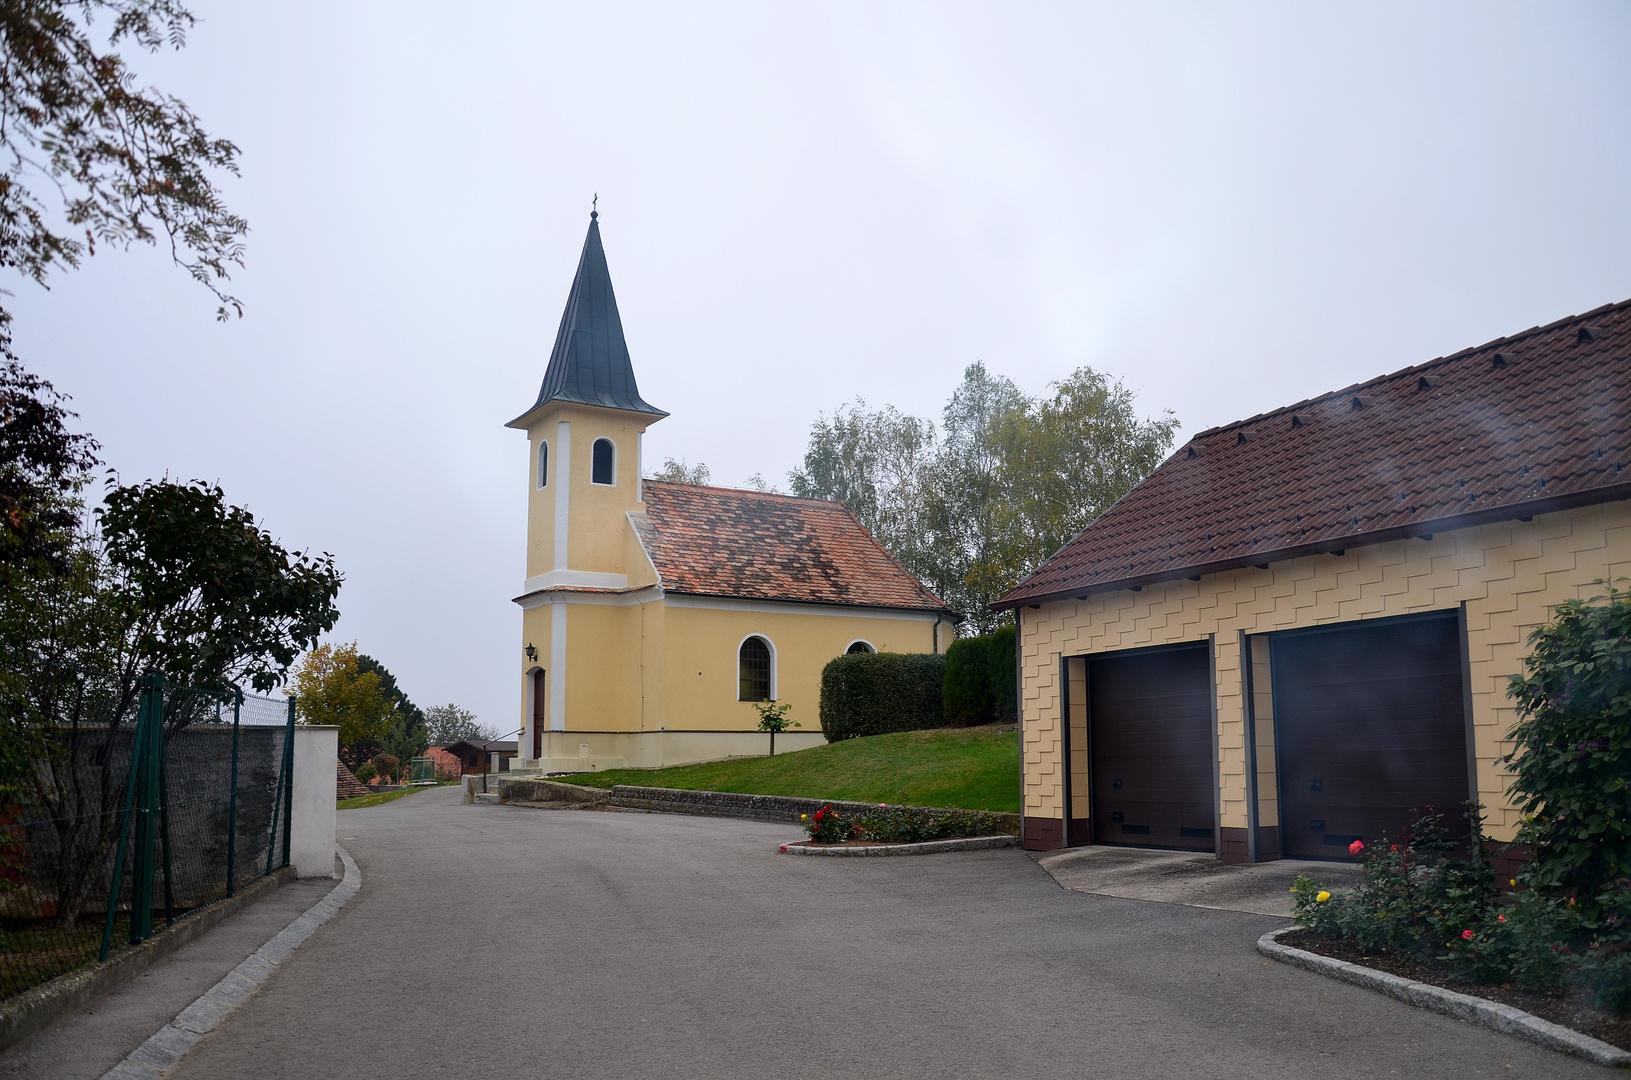 Kirche in Altenmarkt